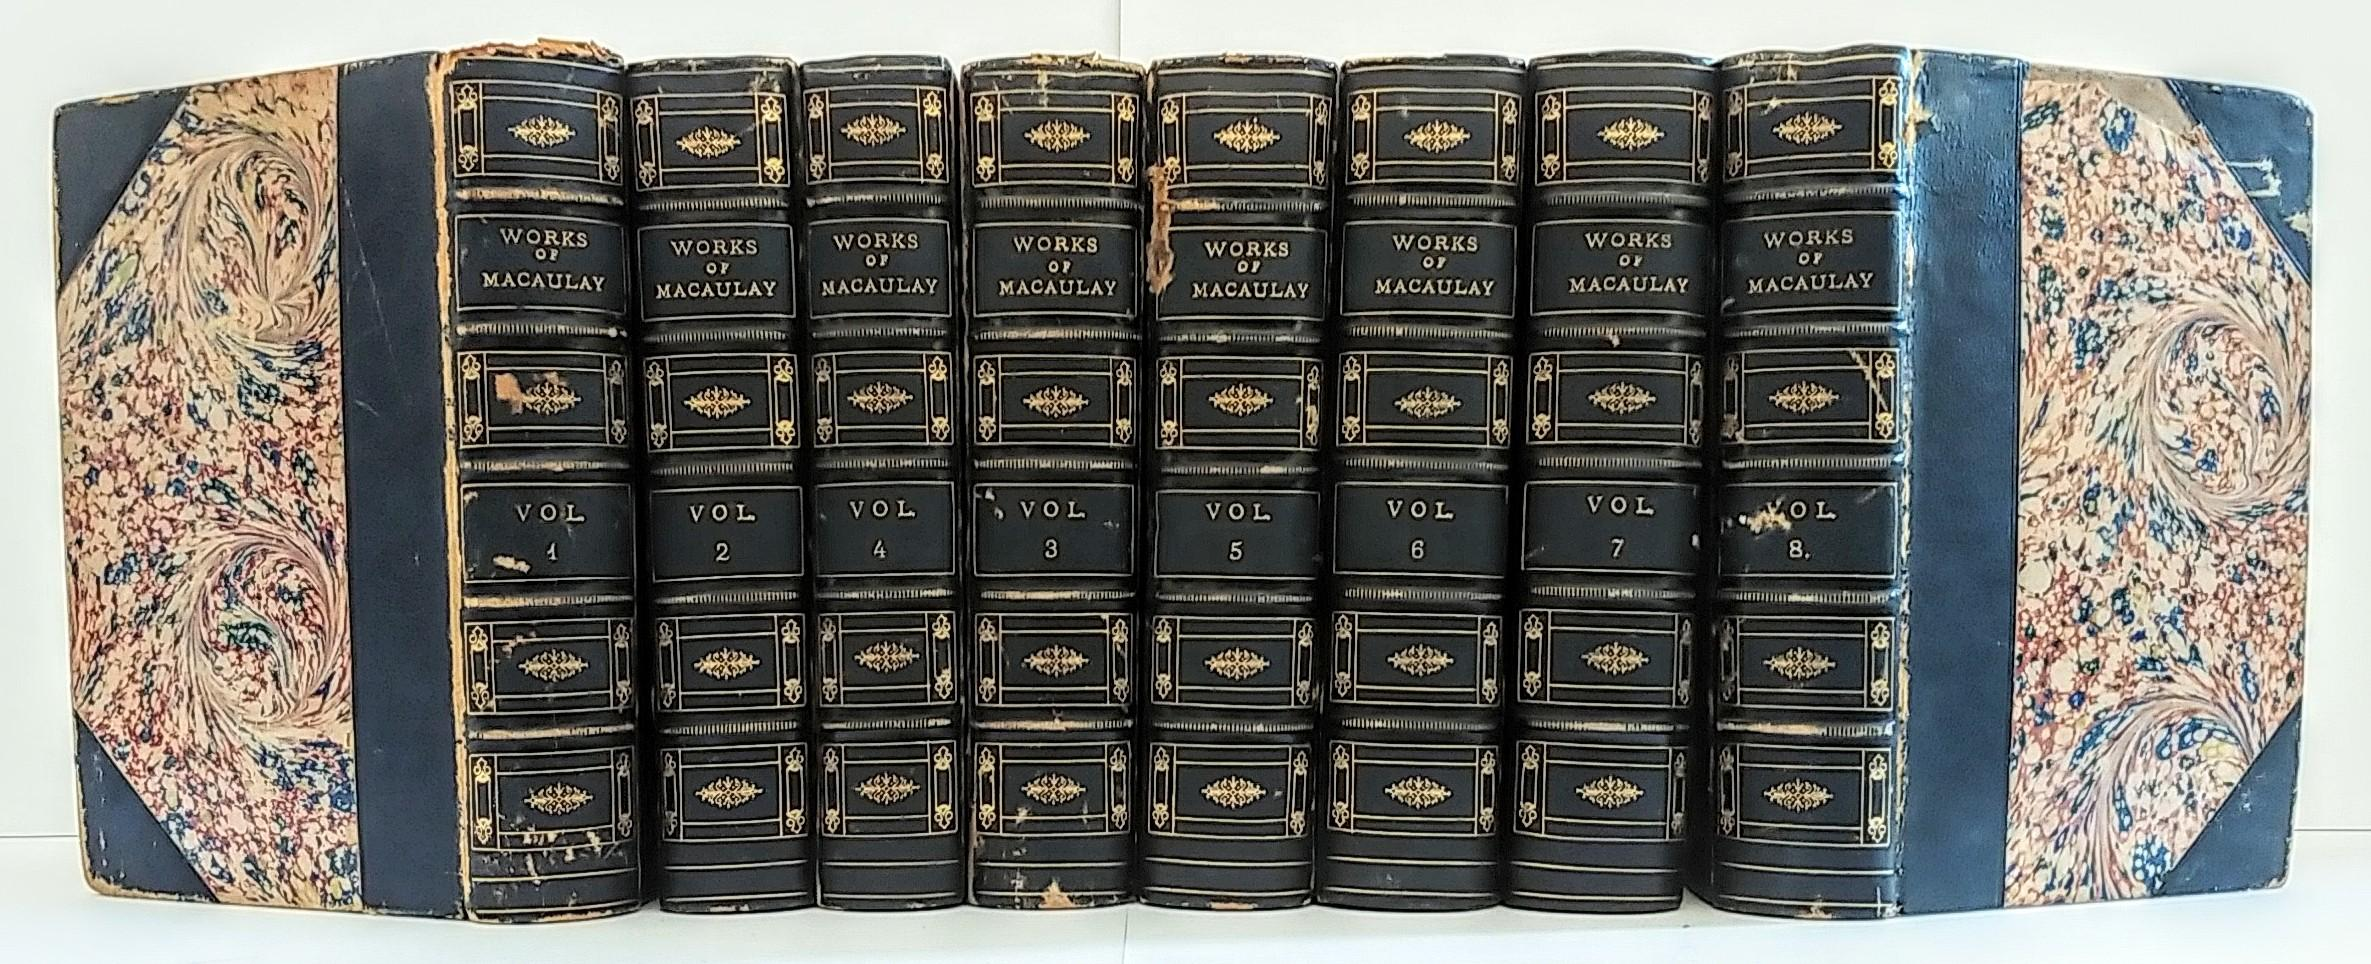 Case A Valenzano Occasioni vialibri ~ rare books from 1875 - page 6